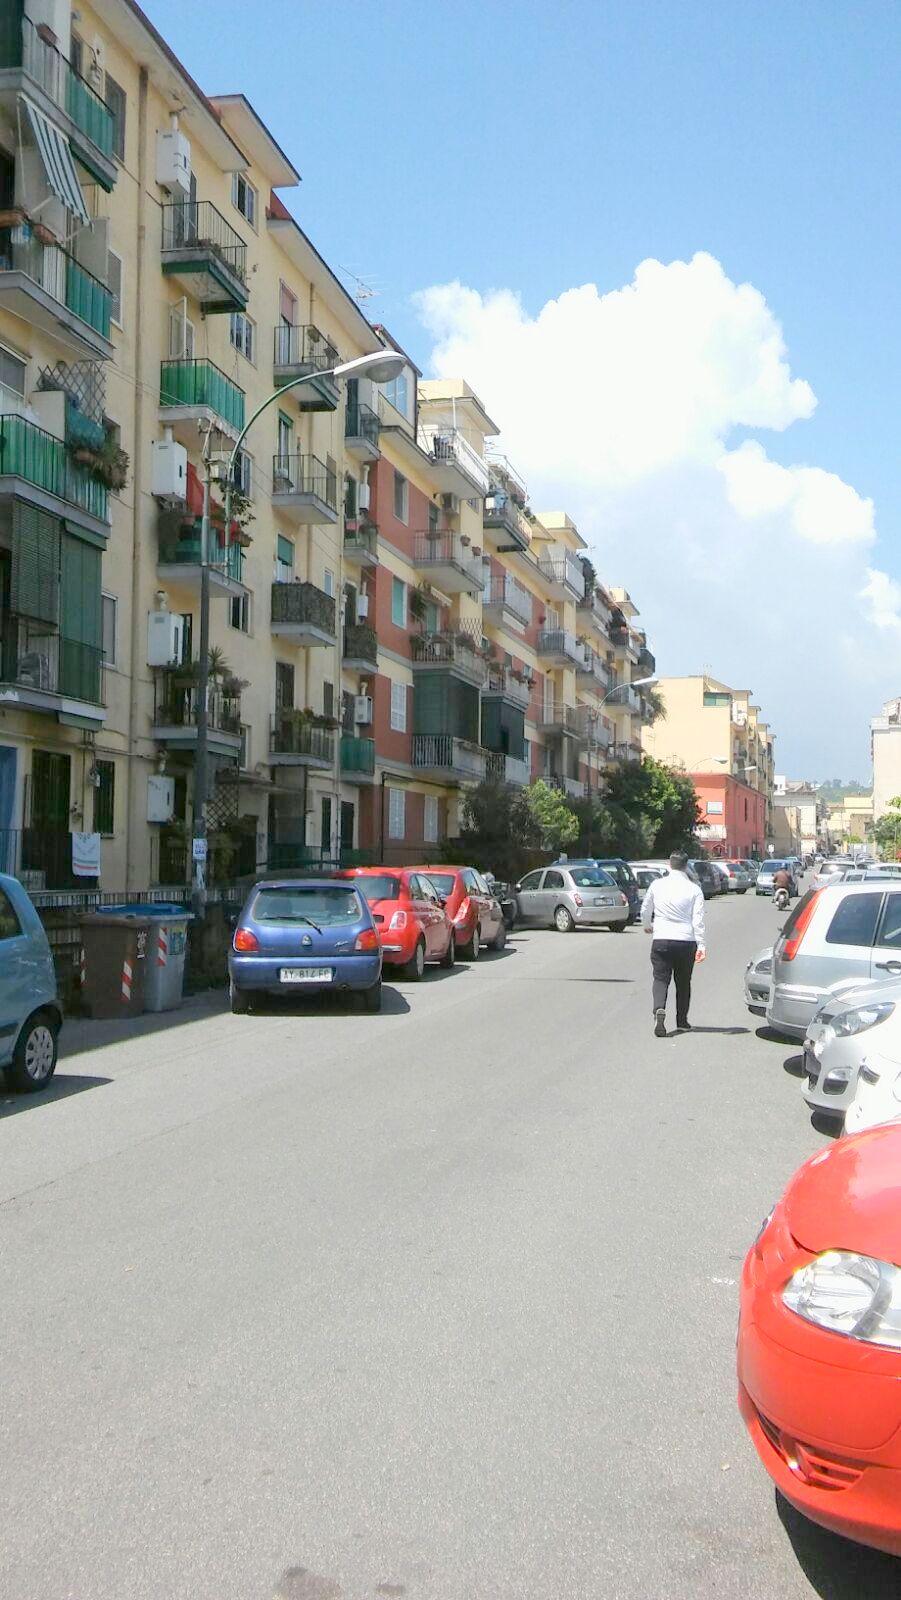 Bilocale Napoli Via Alessandro D'alessandro 7